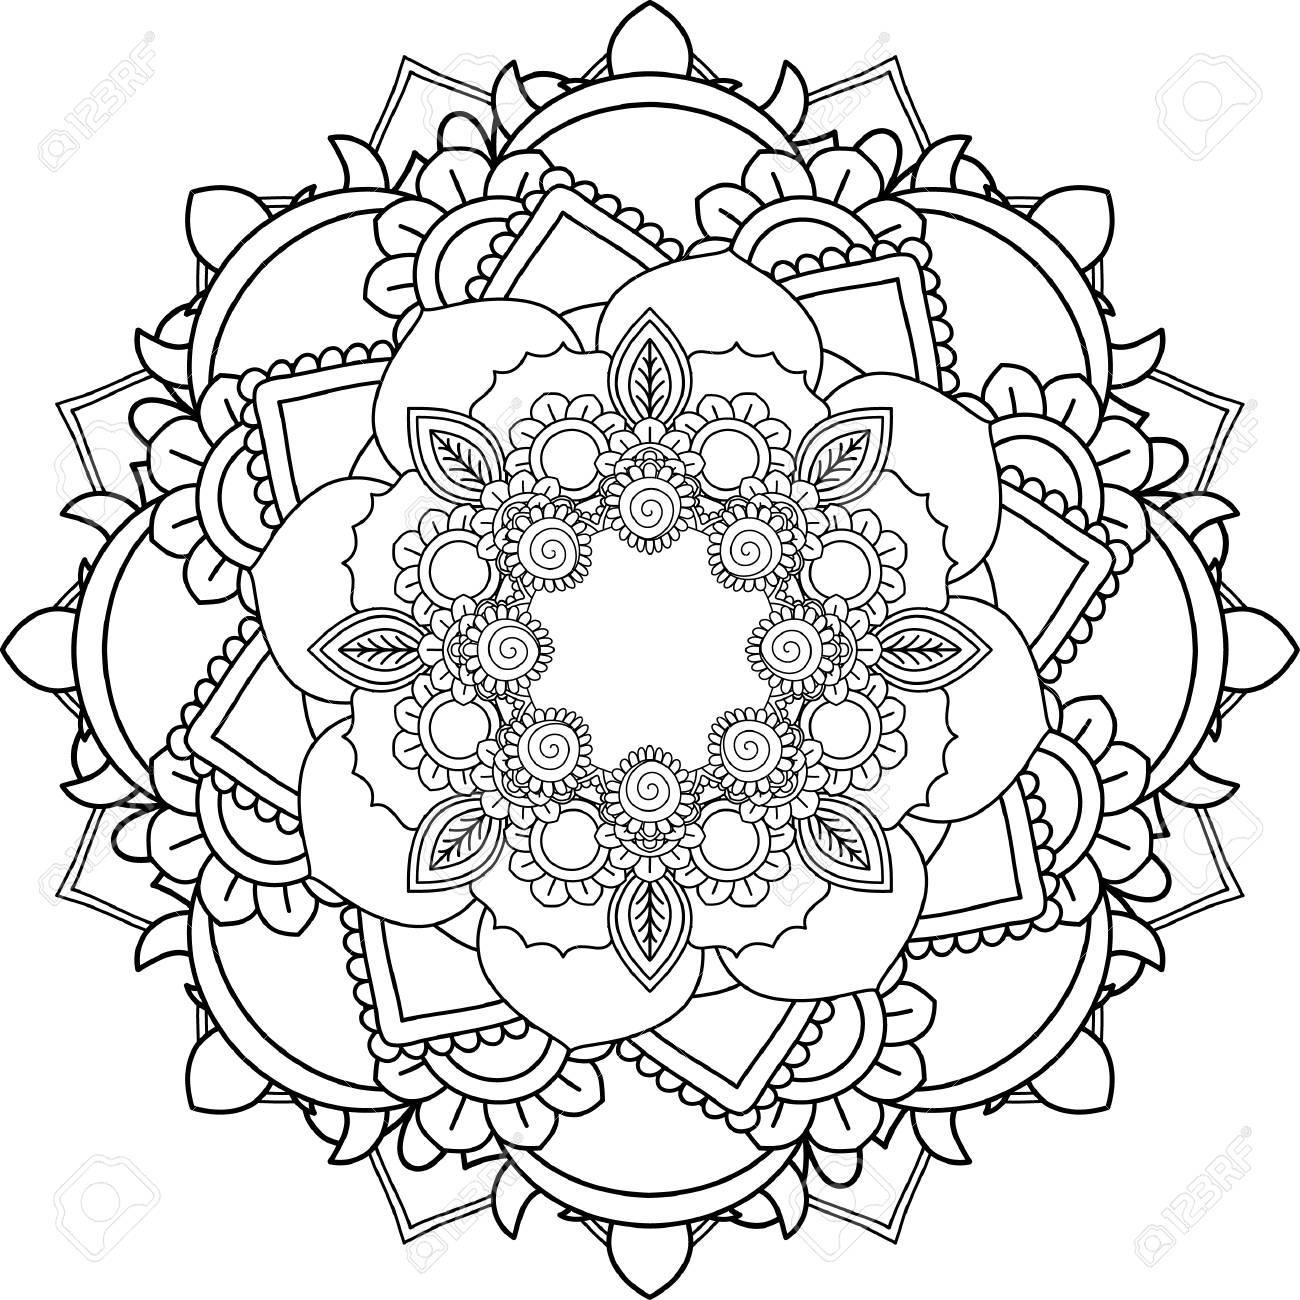 Mandalas Dibujo Con Líneas Para Colorear Sobre Fondo Blanco Formas Y Geometrías De Flores Como Patrones Y Papel Tapiz